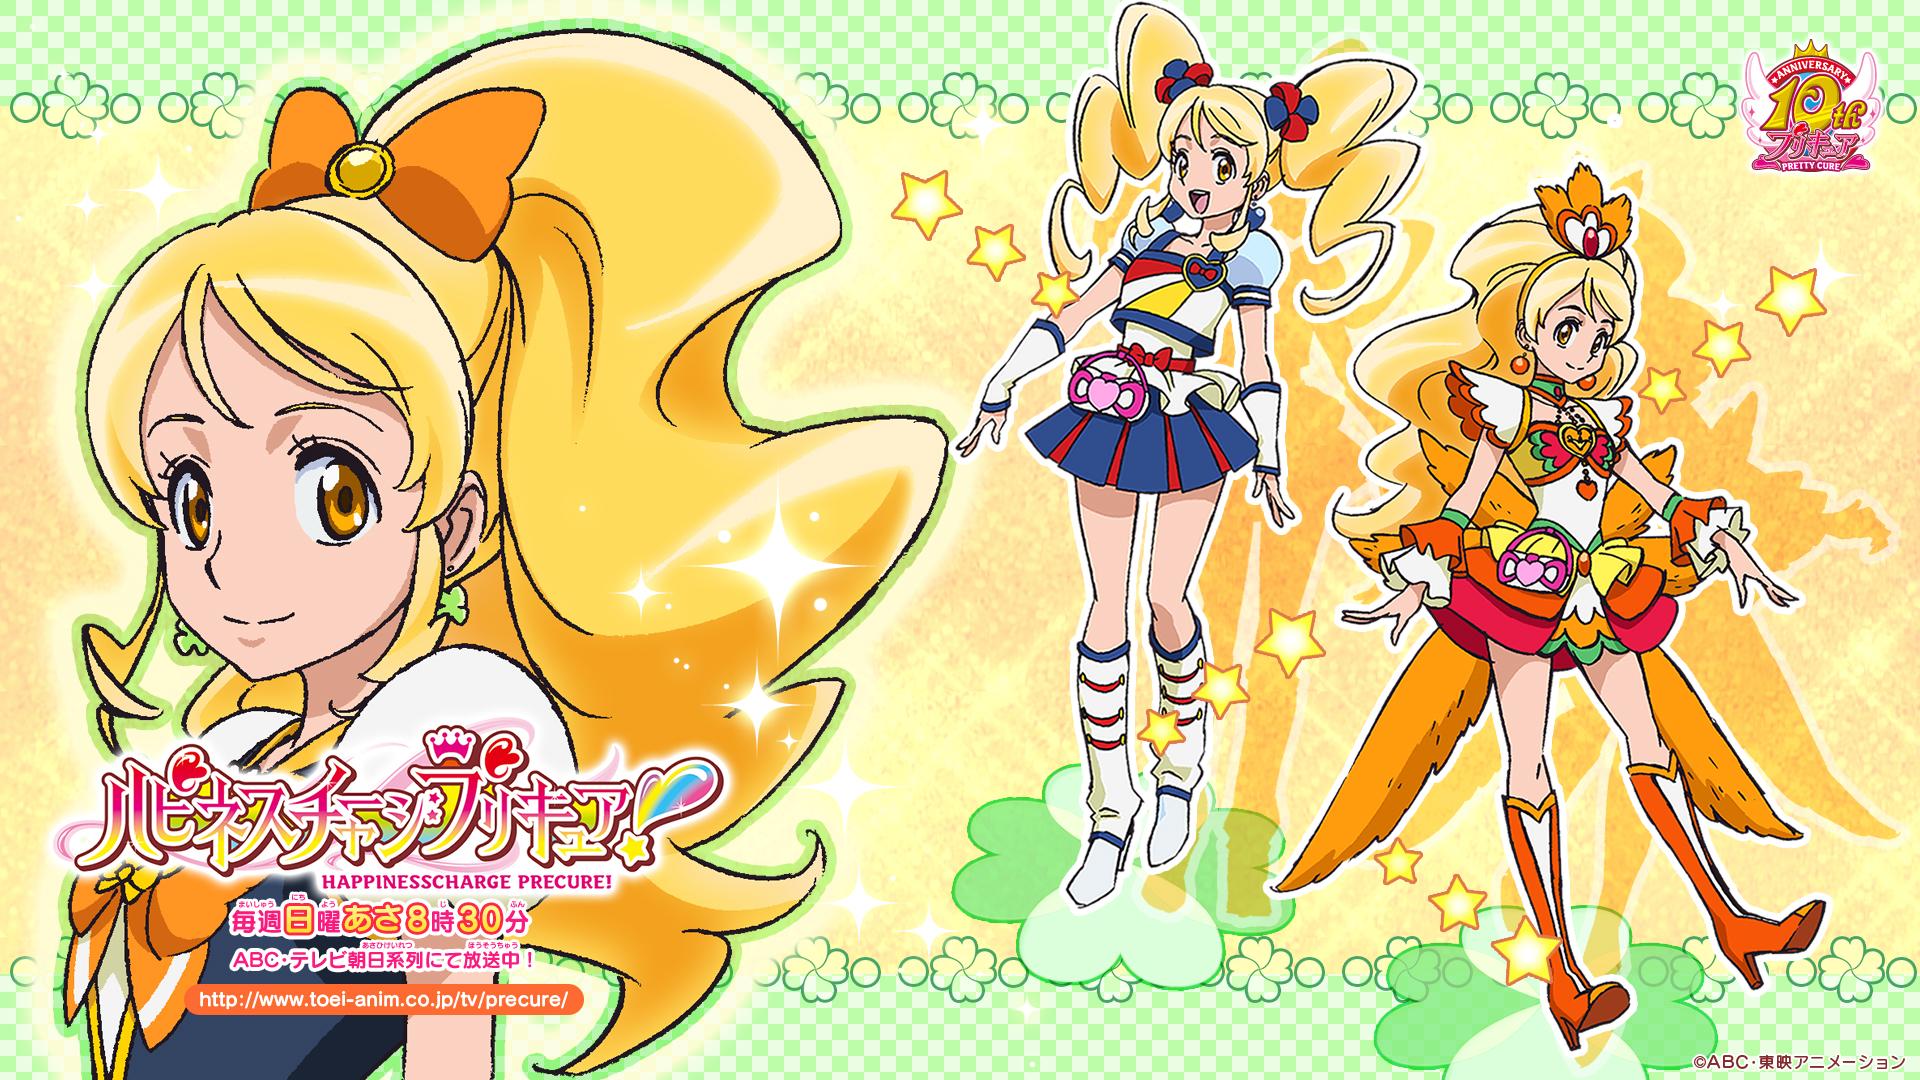 Happinesscharge Precure Wallpaper Zerochan Anime Image